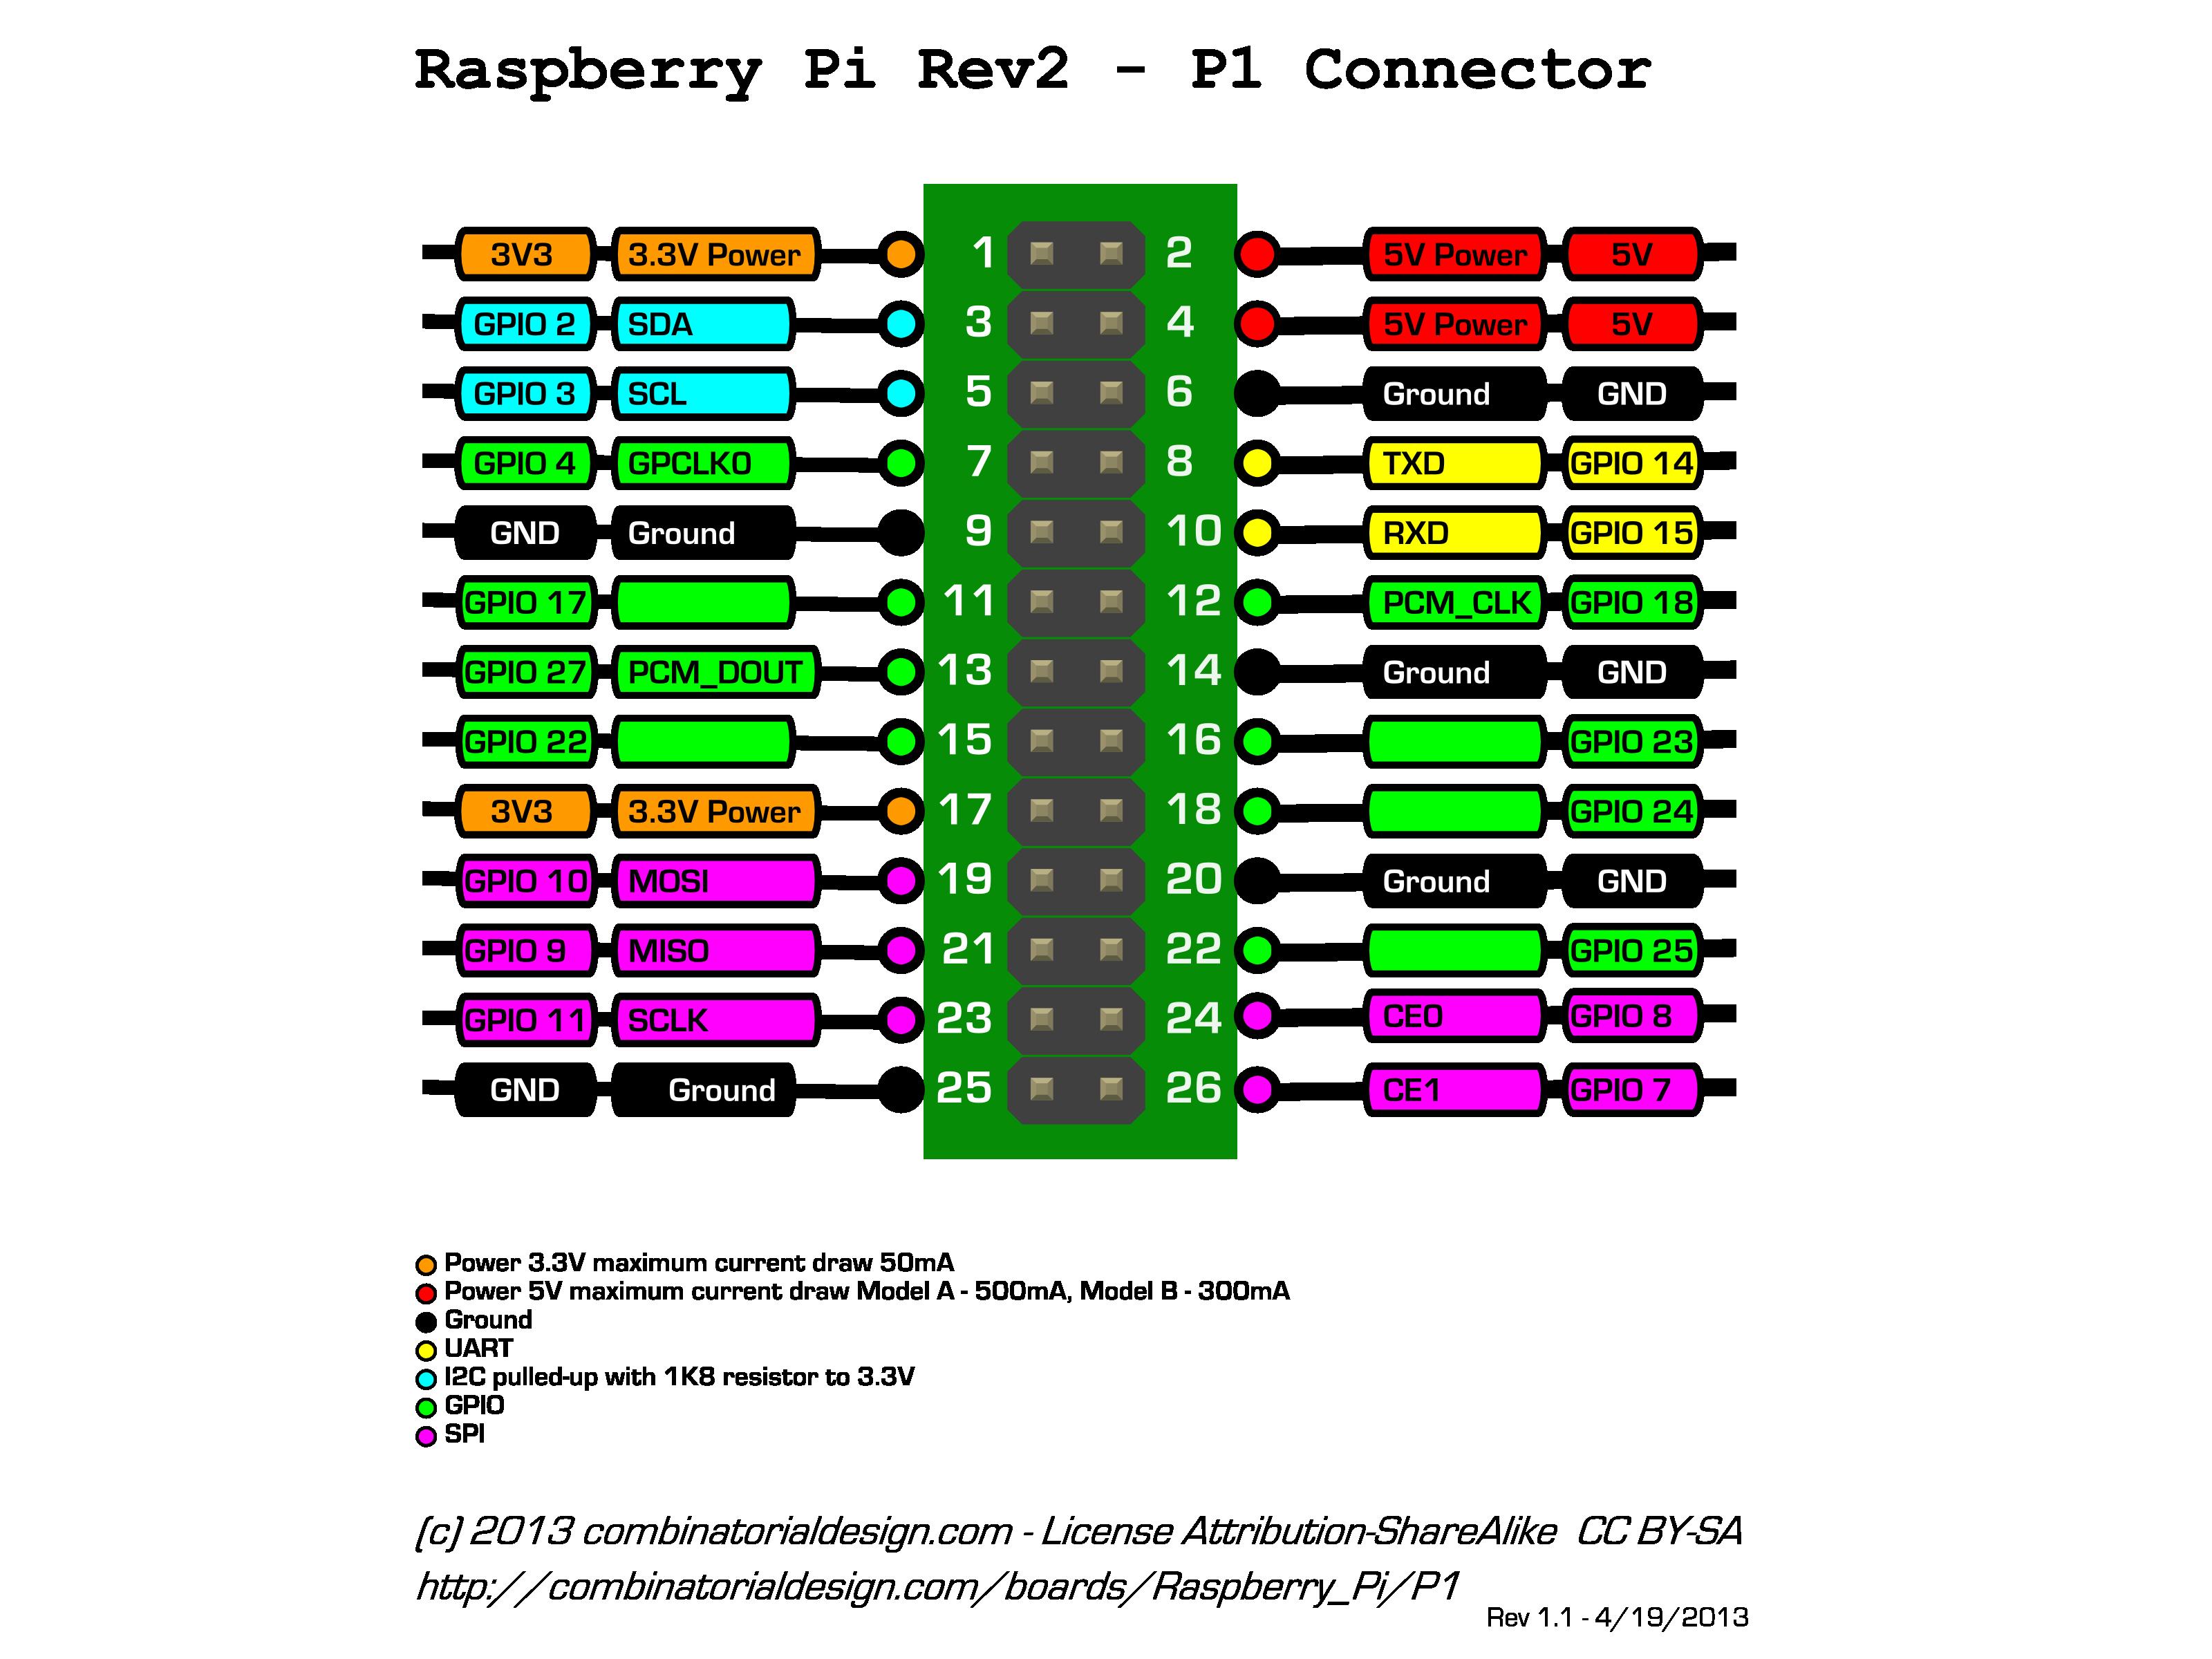 Maths 2014 Wiringpi License Ca Se Complique La Patte Physique No22 Est Appele Gpio25 Mais Elle Nomme Aussi Gpio 6